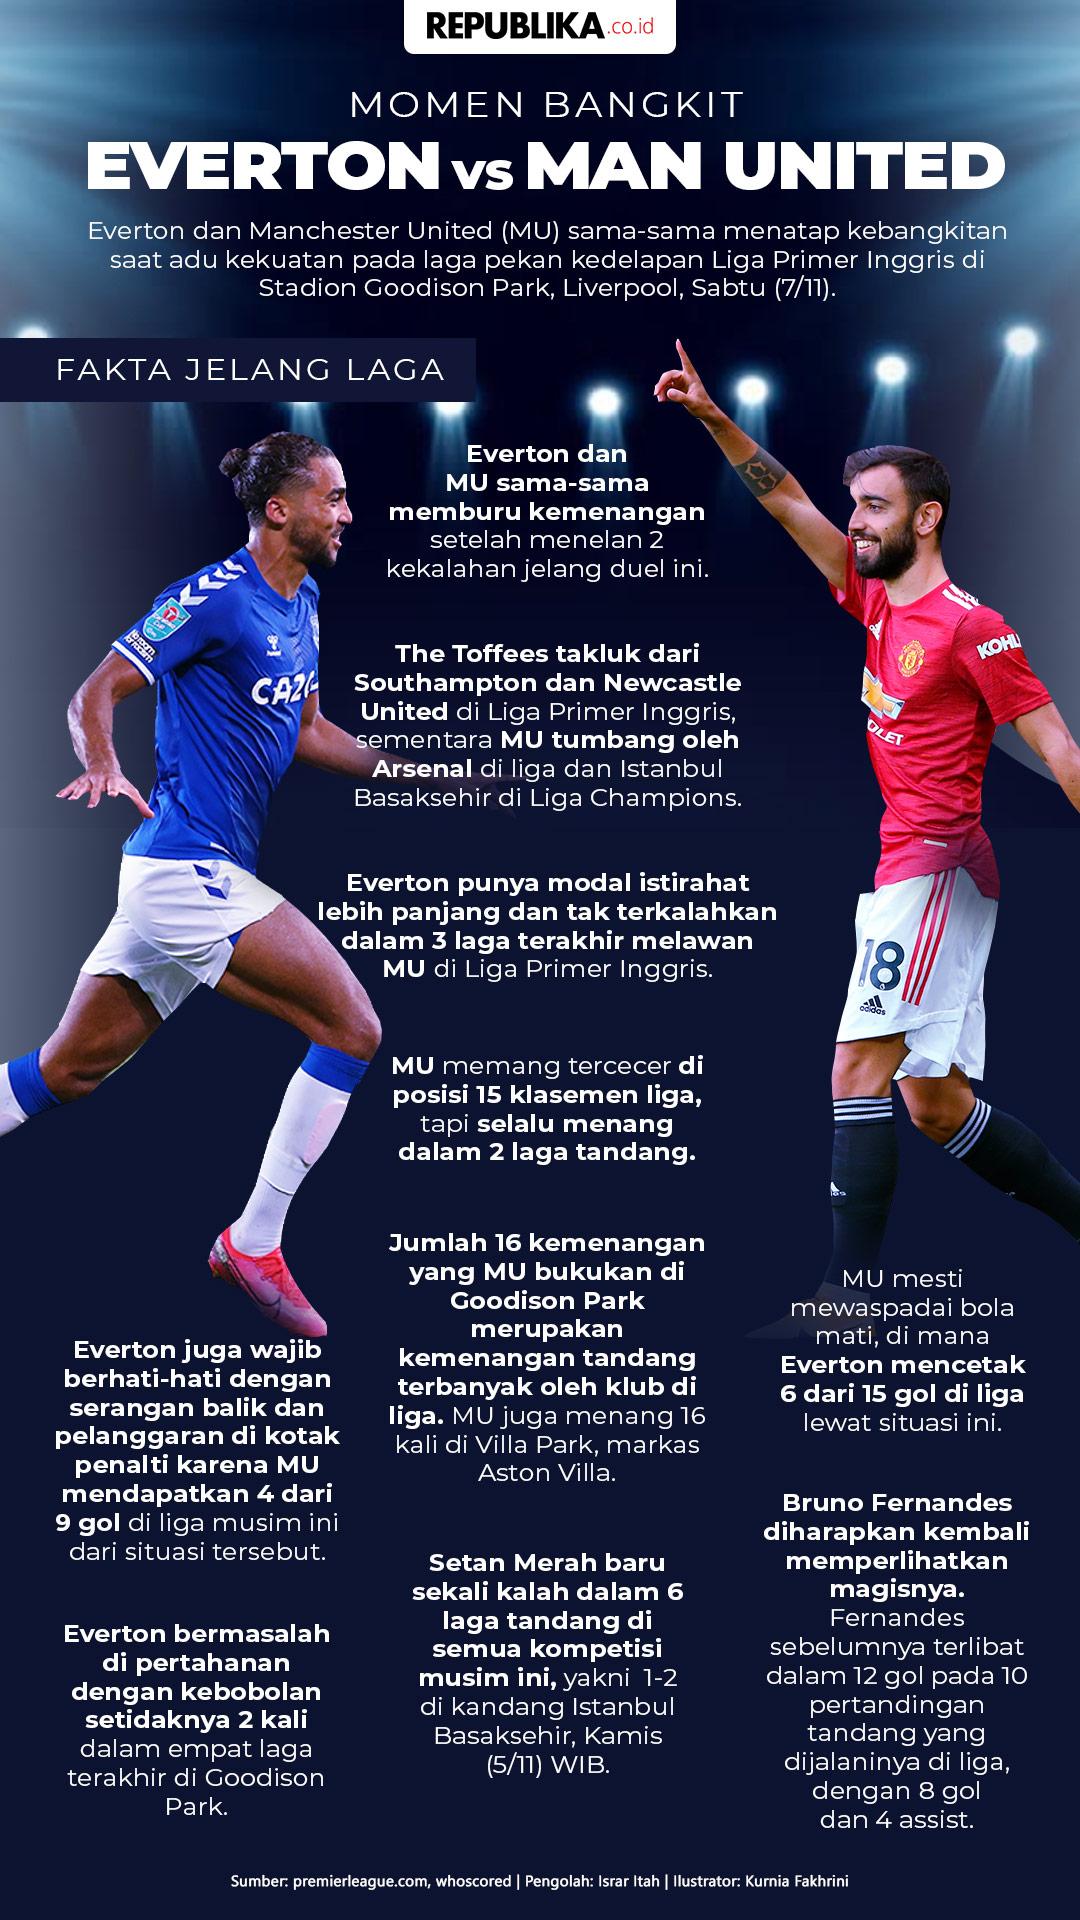 Infografis Everton Vs Manchester United Momen Bangkit Republika Online Mobile